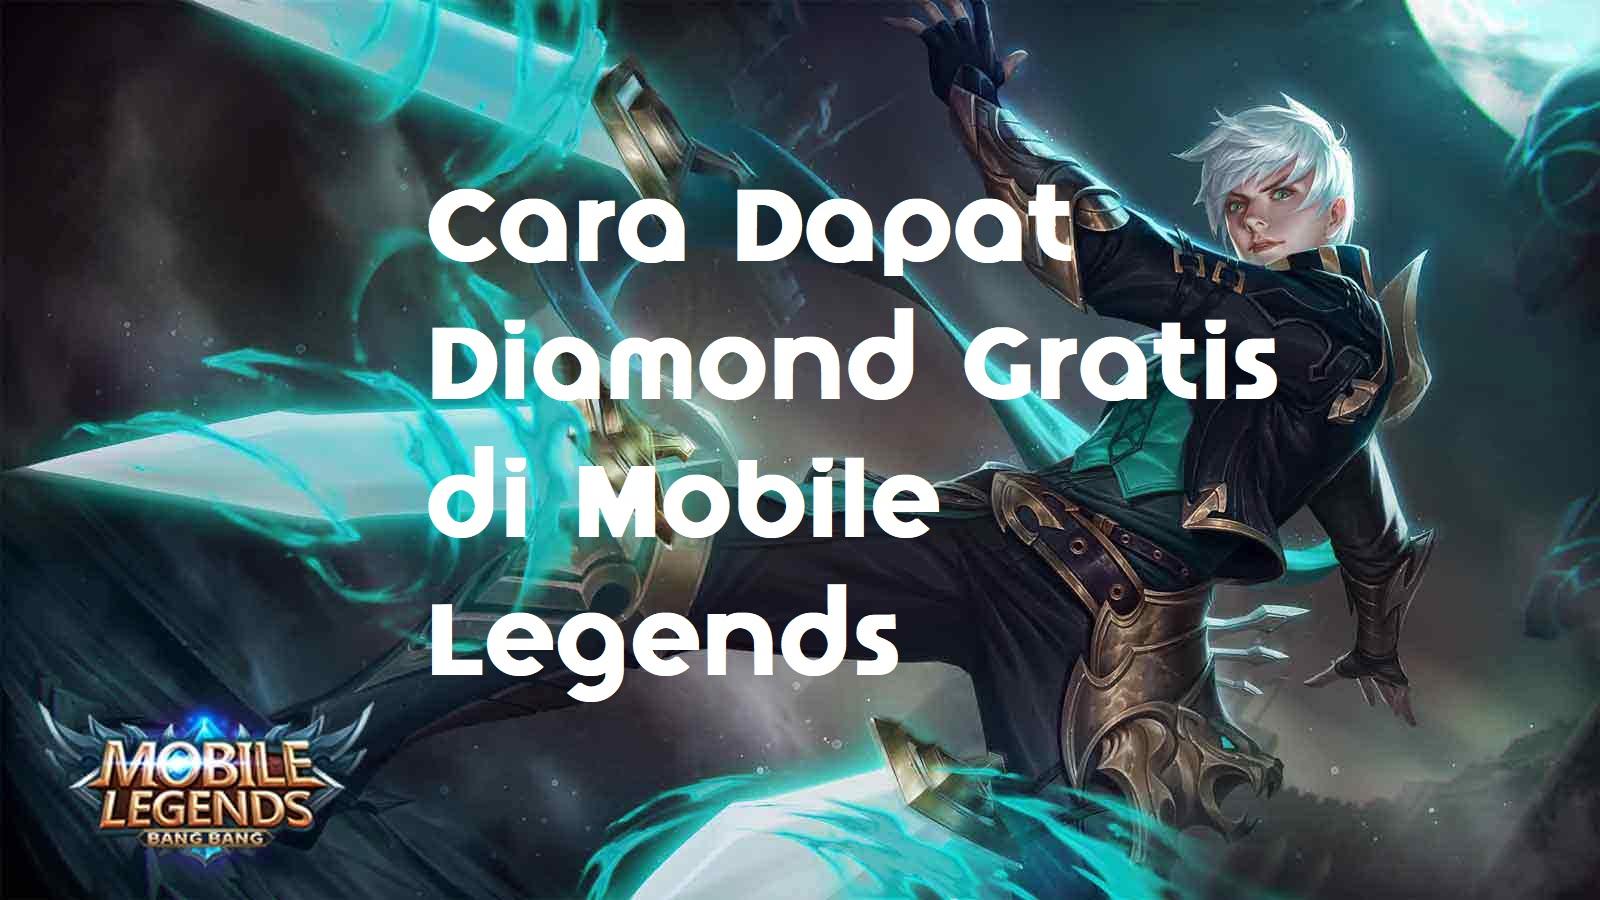 3 Cara Dapat Diamond Gratis Di Mobile Legends Tanpa Cheat Segitekno Skin  Dan Aman